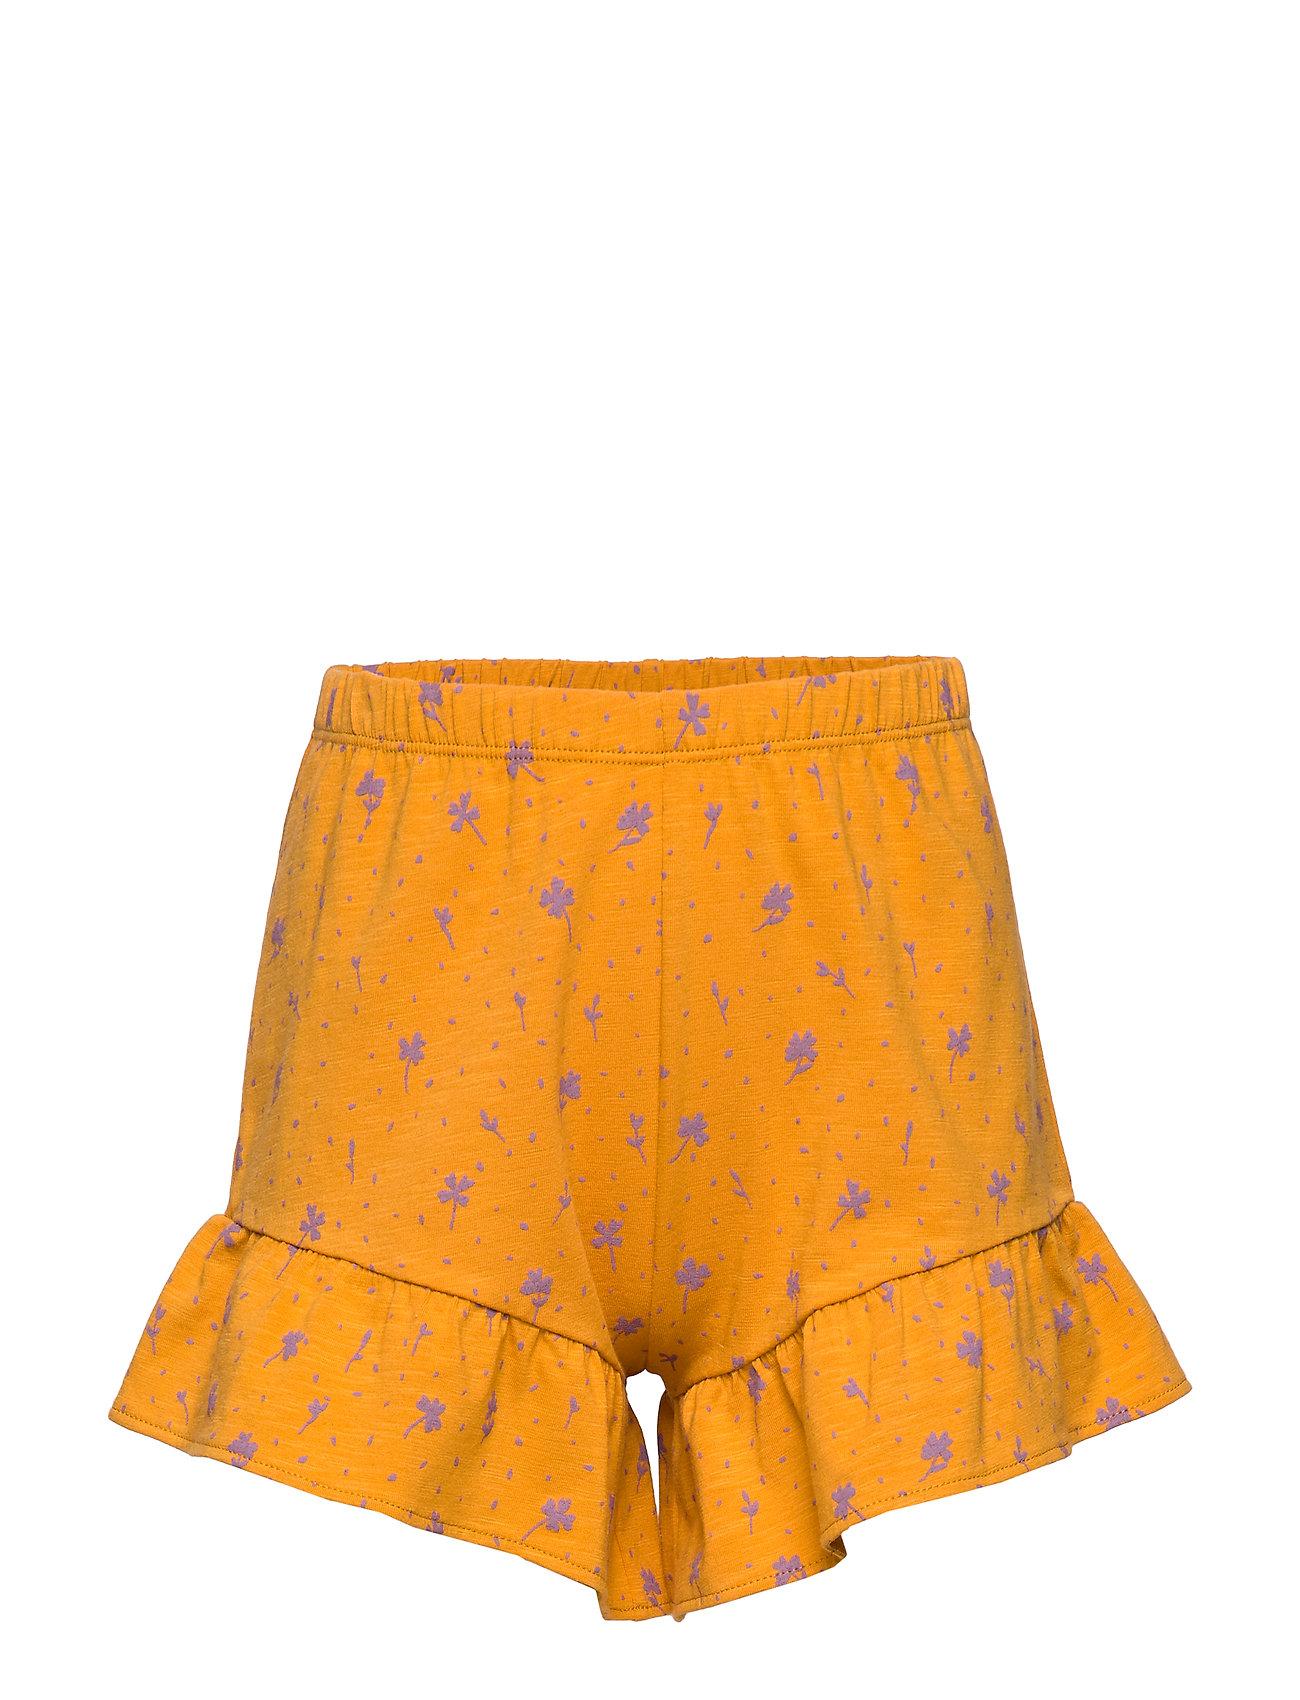 Soft Gallery Florie Shorts - SUNFLOWER, AOP CLOVER